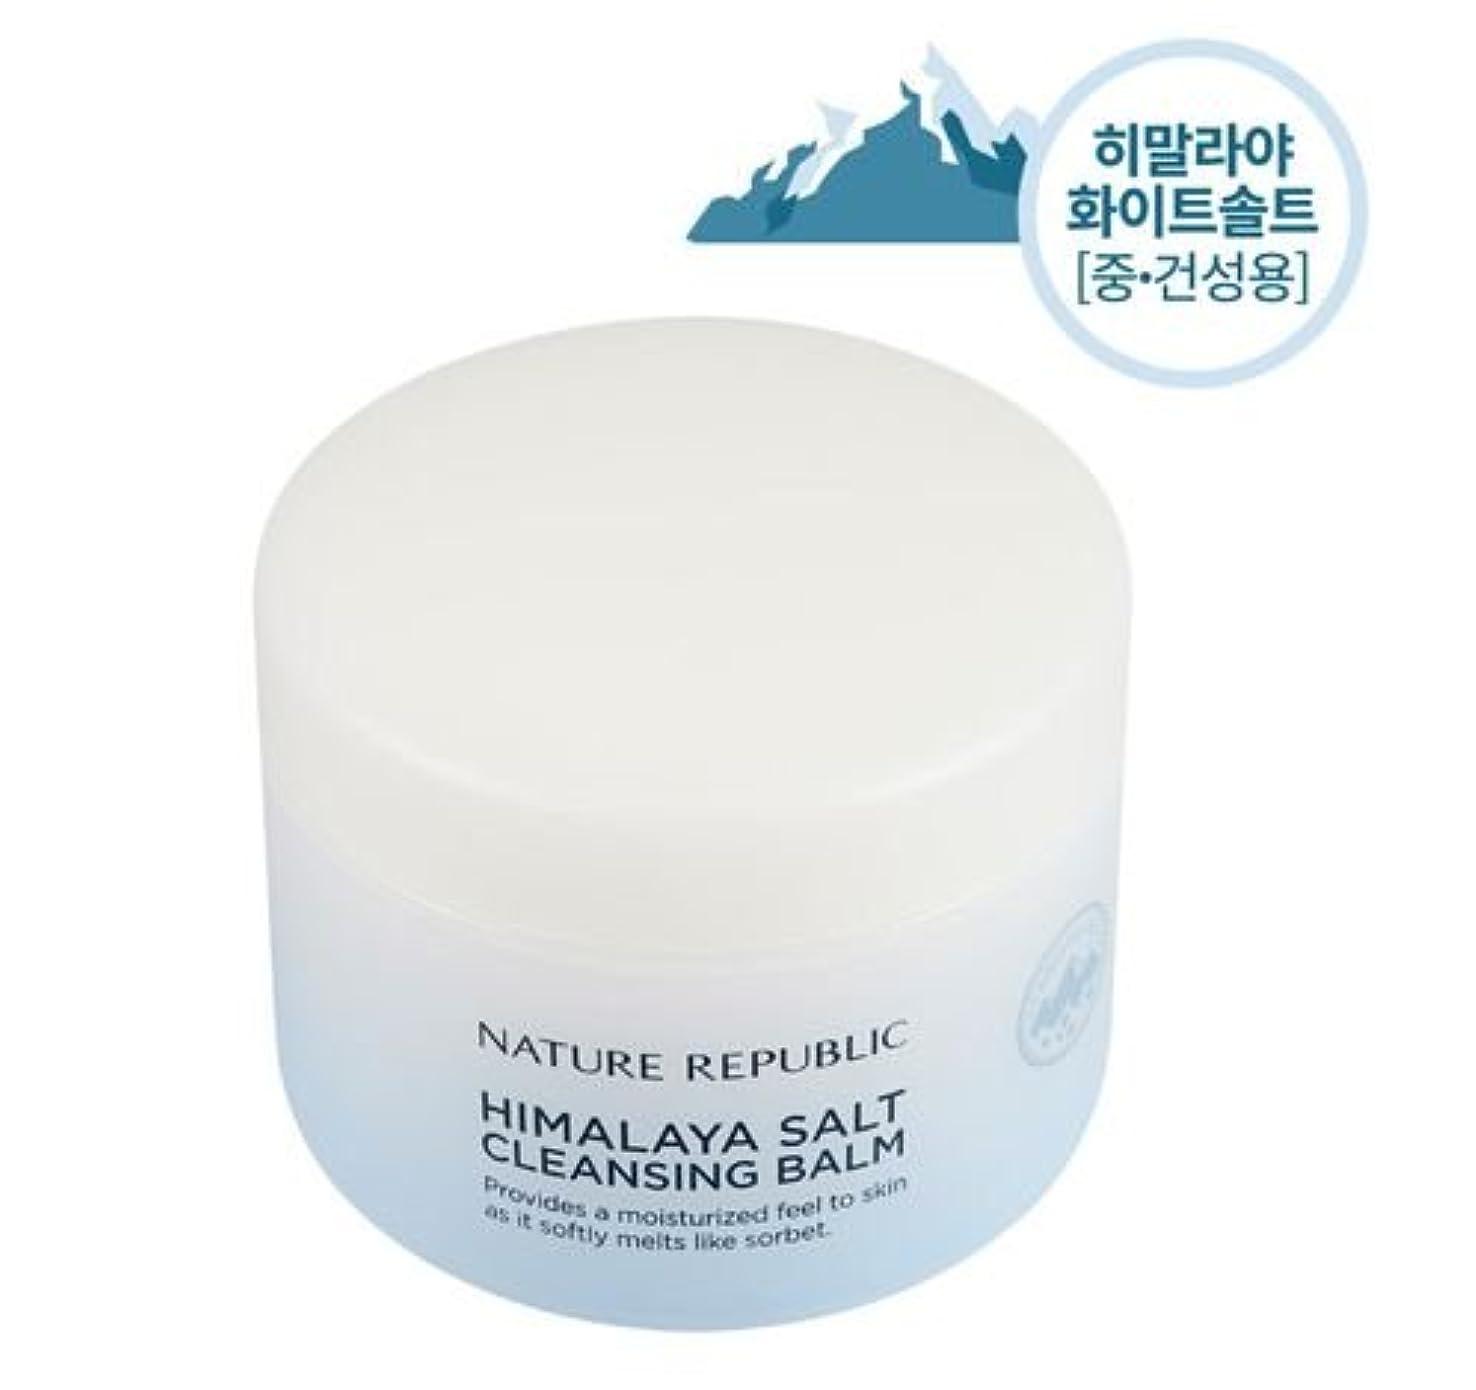 アラート決めます冒険家NATURE REPUBLIC Himalaya salt cleansing balm (white salt)ヒマラヤソルトクレンジングバーム(white salt) [並行輸入品]